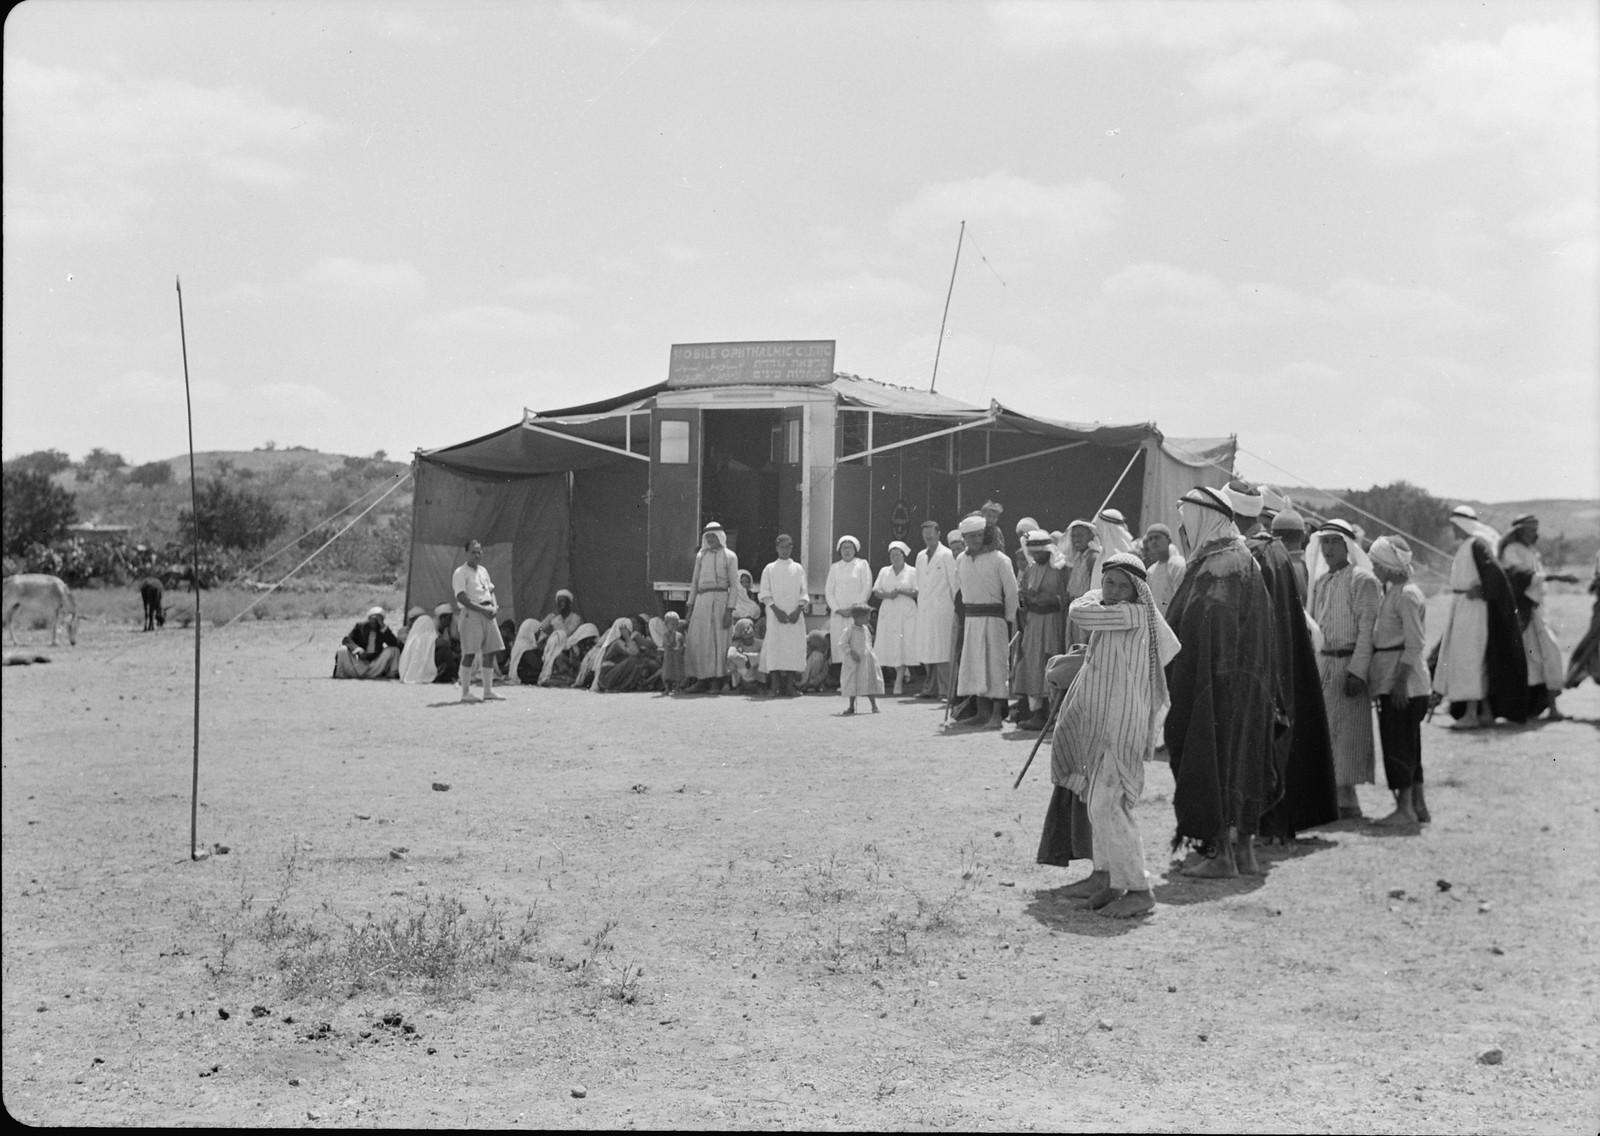 Офтальмологическая клиника на окраине села Неджд, северо-восточная часть Газы